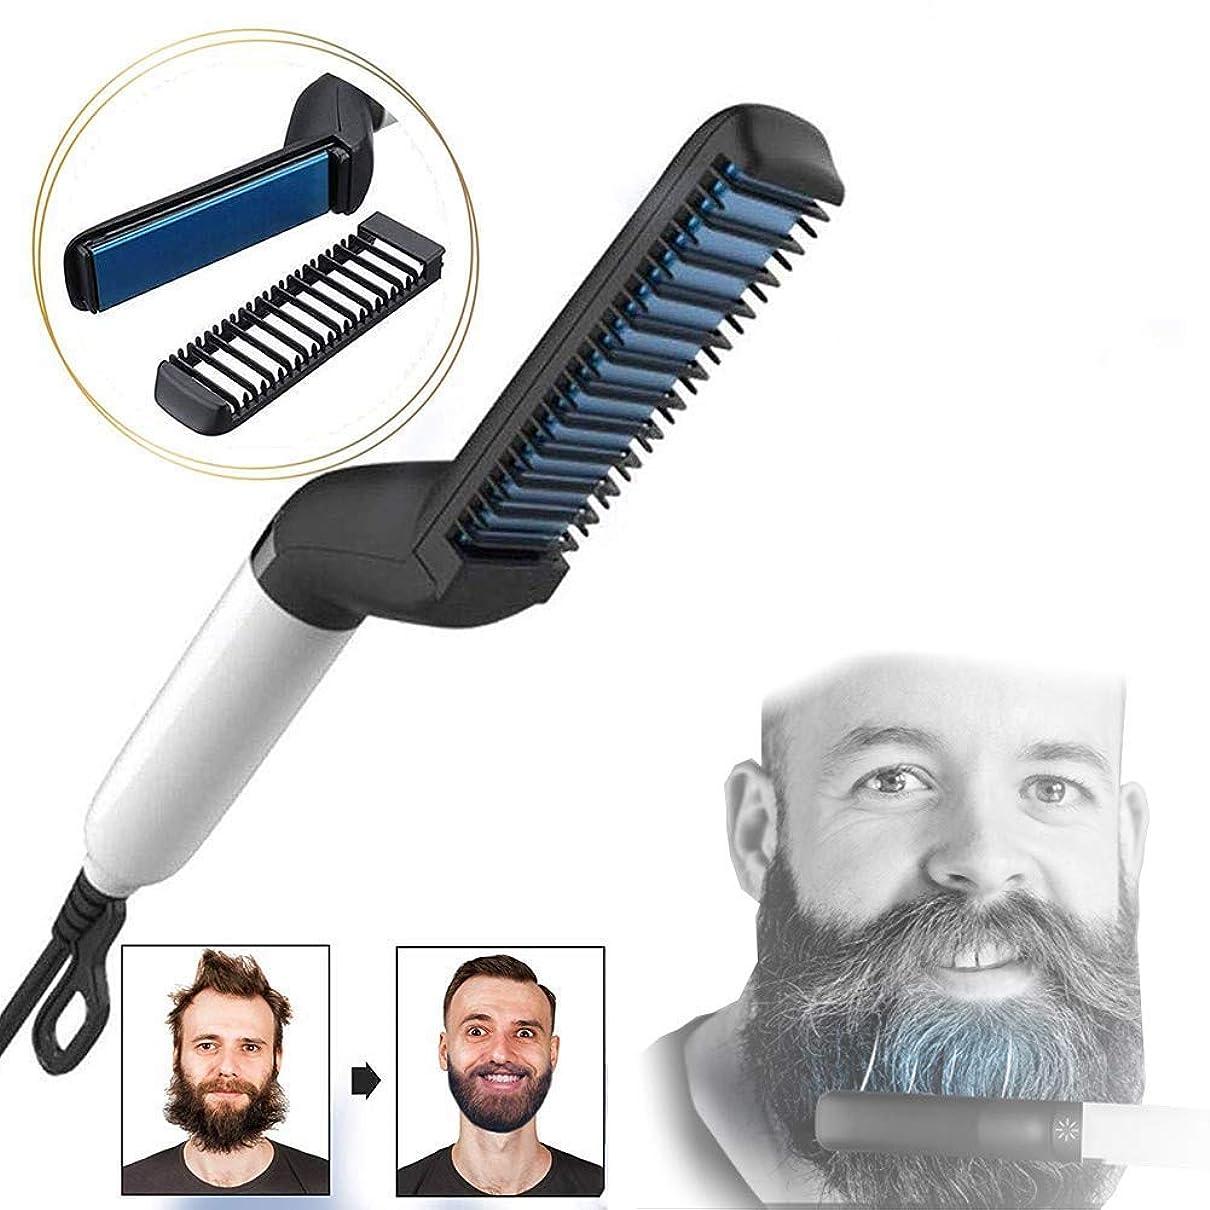 スラダム不屈ゾーンひげ矯正ブラシ、櫛をスタイリングするくしヘアスタイラーヘアストレートヒートブラシマジックマッサージくし電気髪ツール男性用、クイックひげ矯正くし男